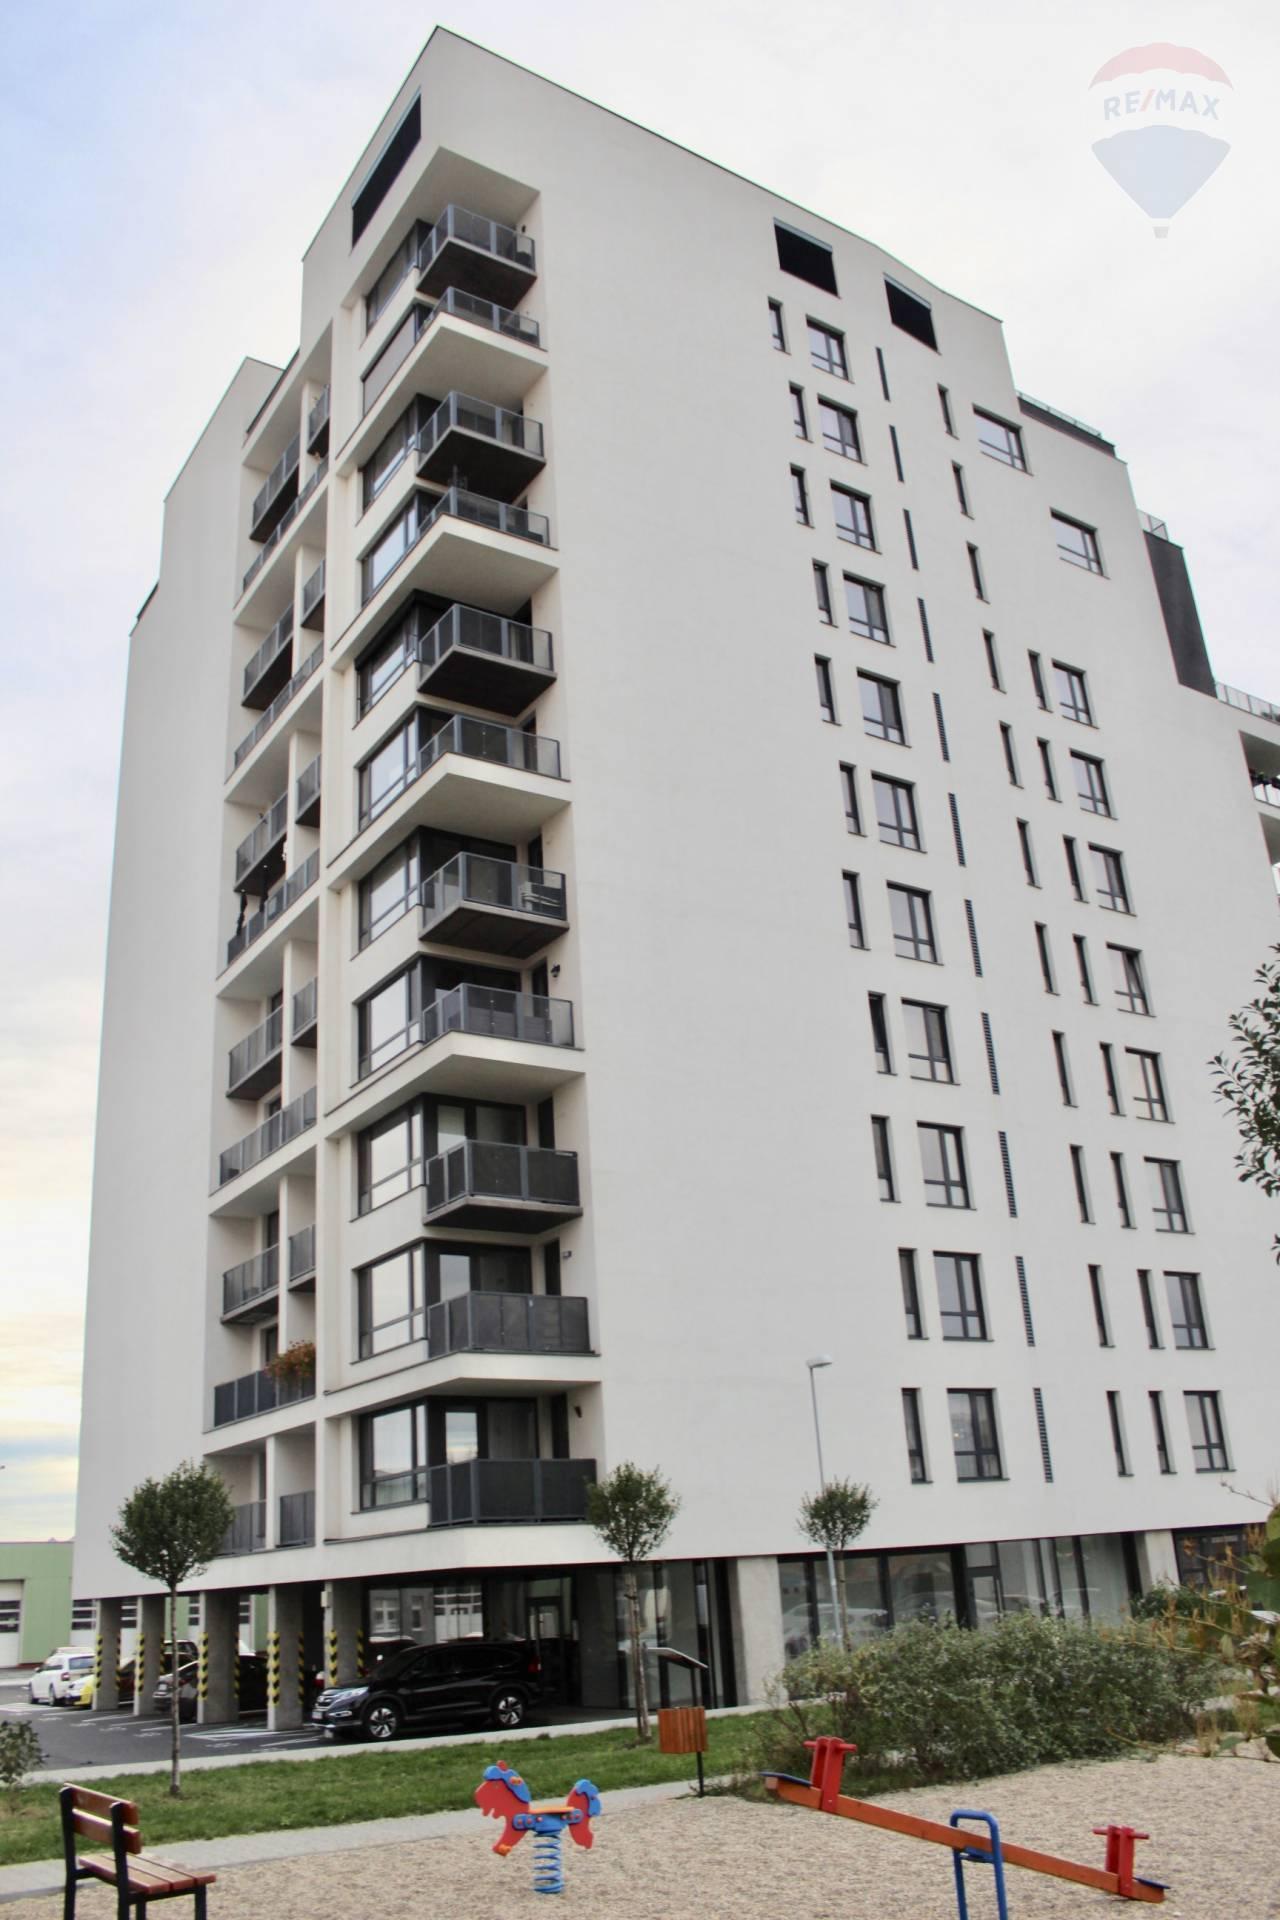 Na prenájom 2-izbový byt v Petržalke, novostavba, loggia, cena vrátane všetkých energií